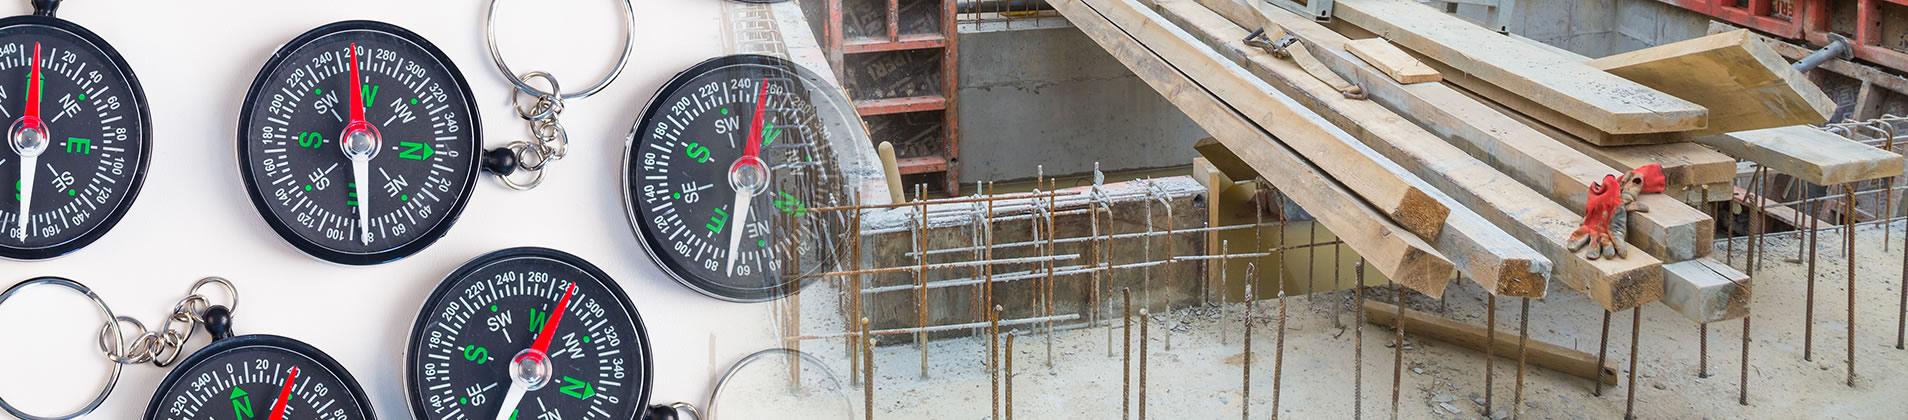 Kompass und Baustelle